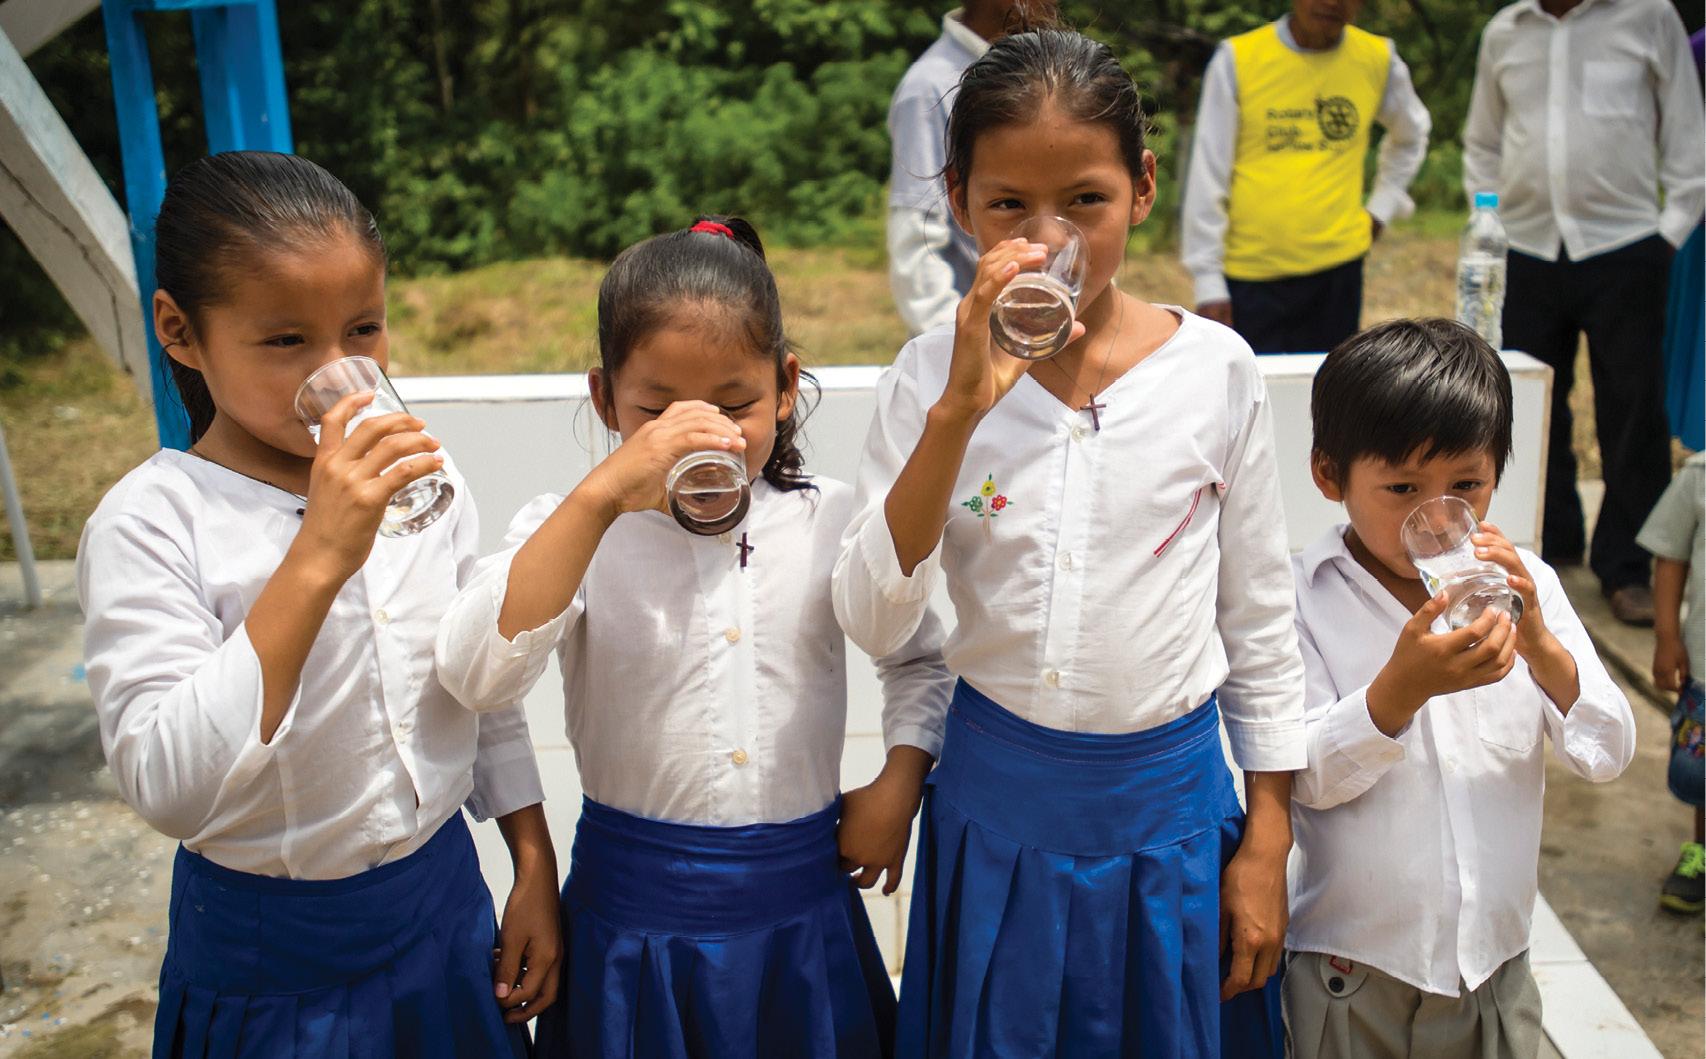 Children enjoy cool drinks in Peru